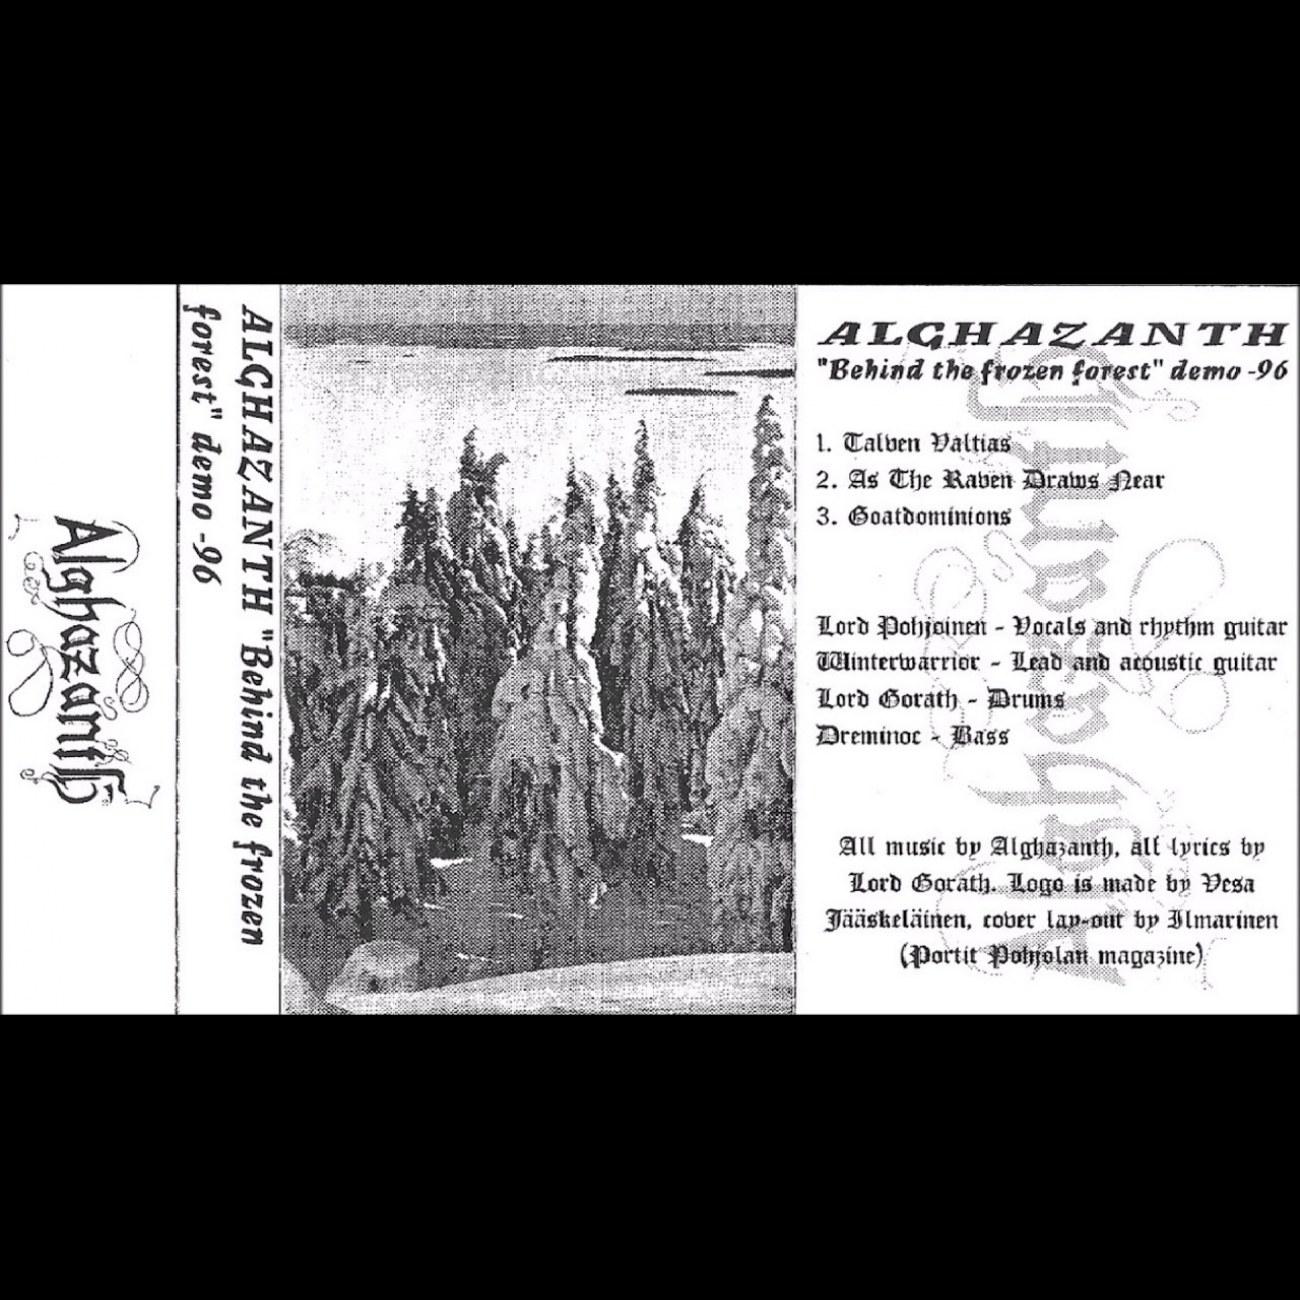 Alghazanth - Behind the Frozen Forest